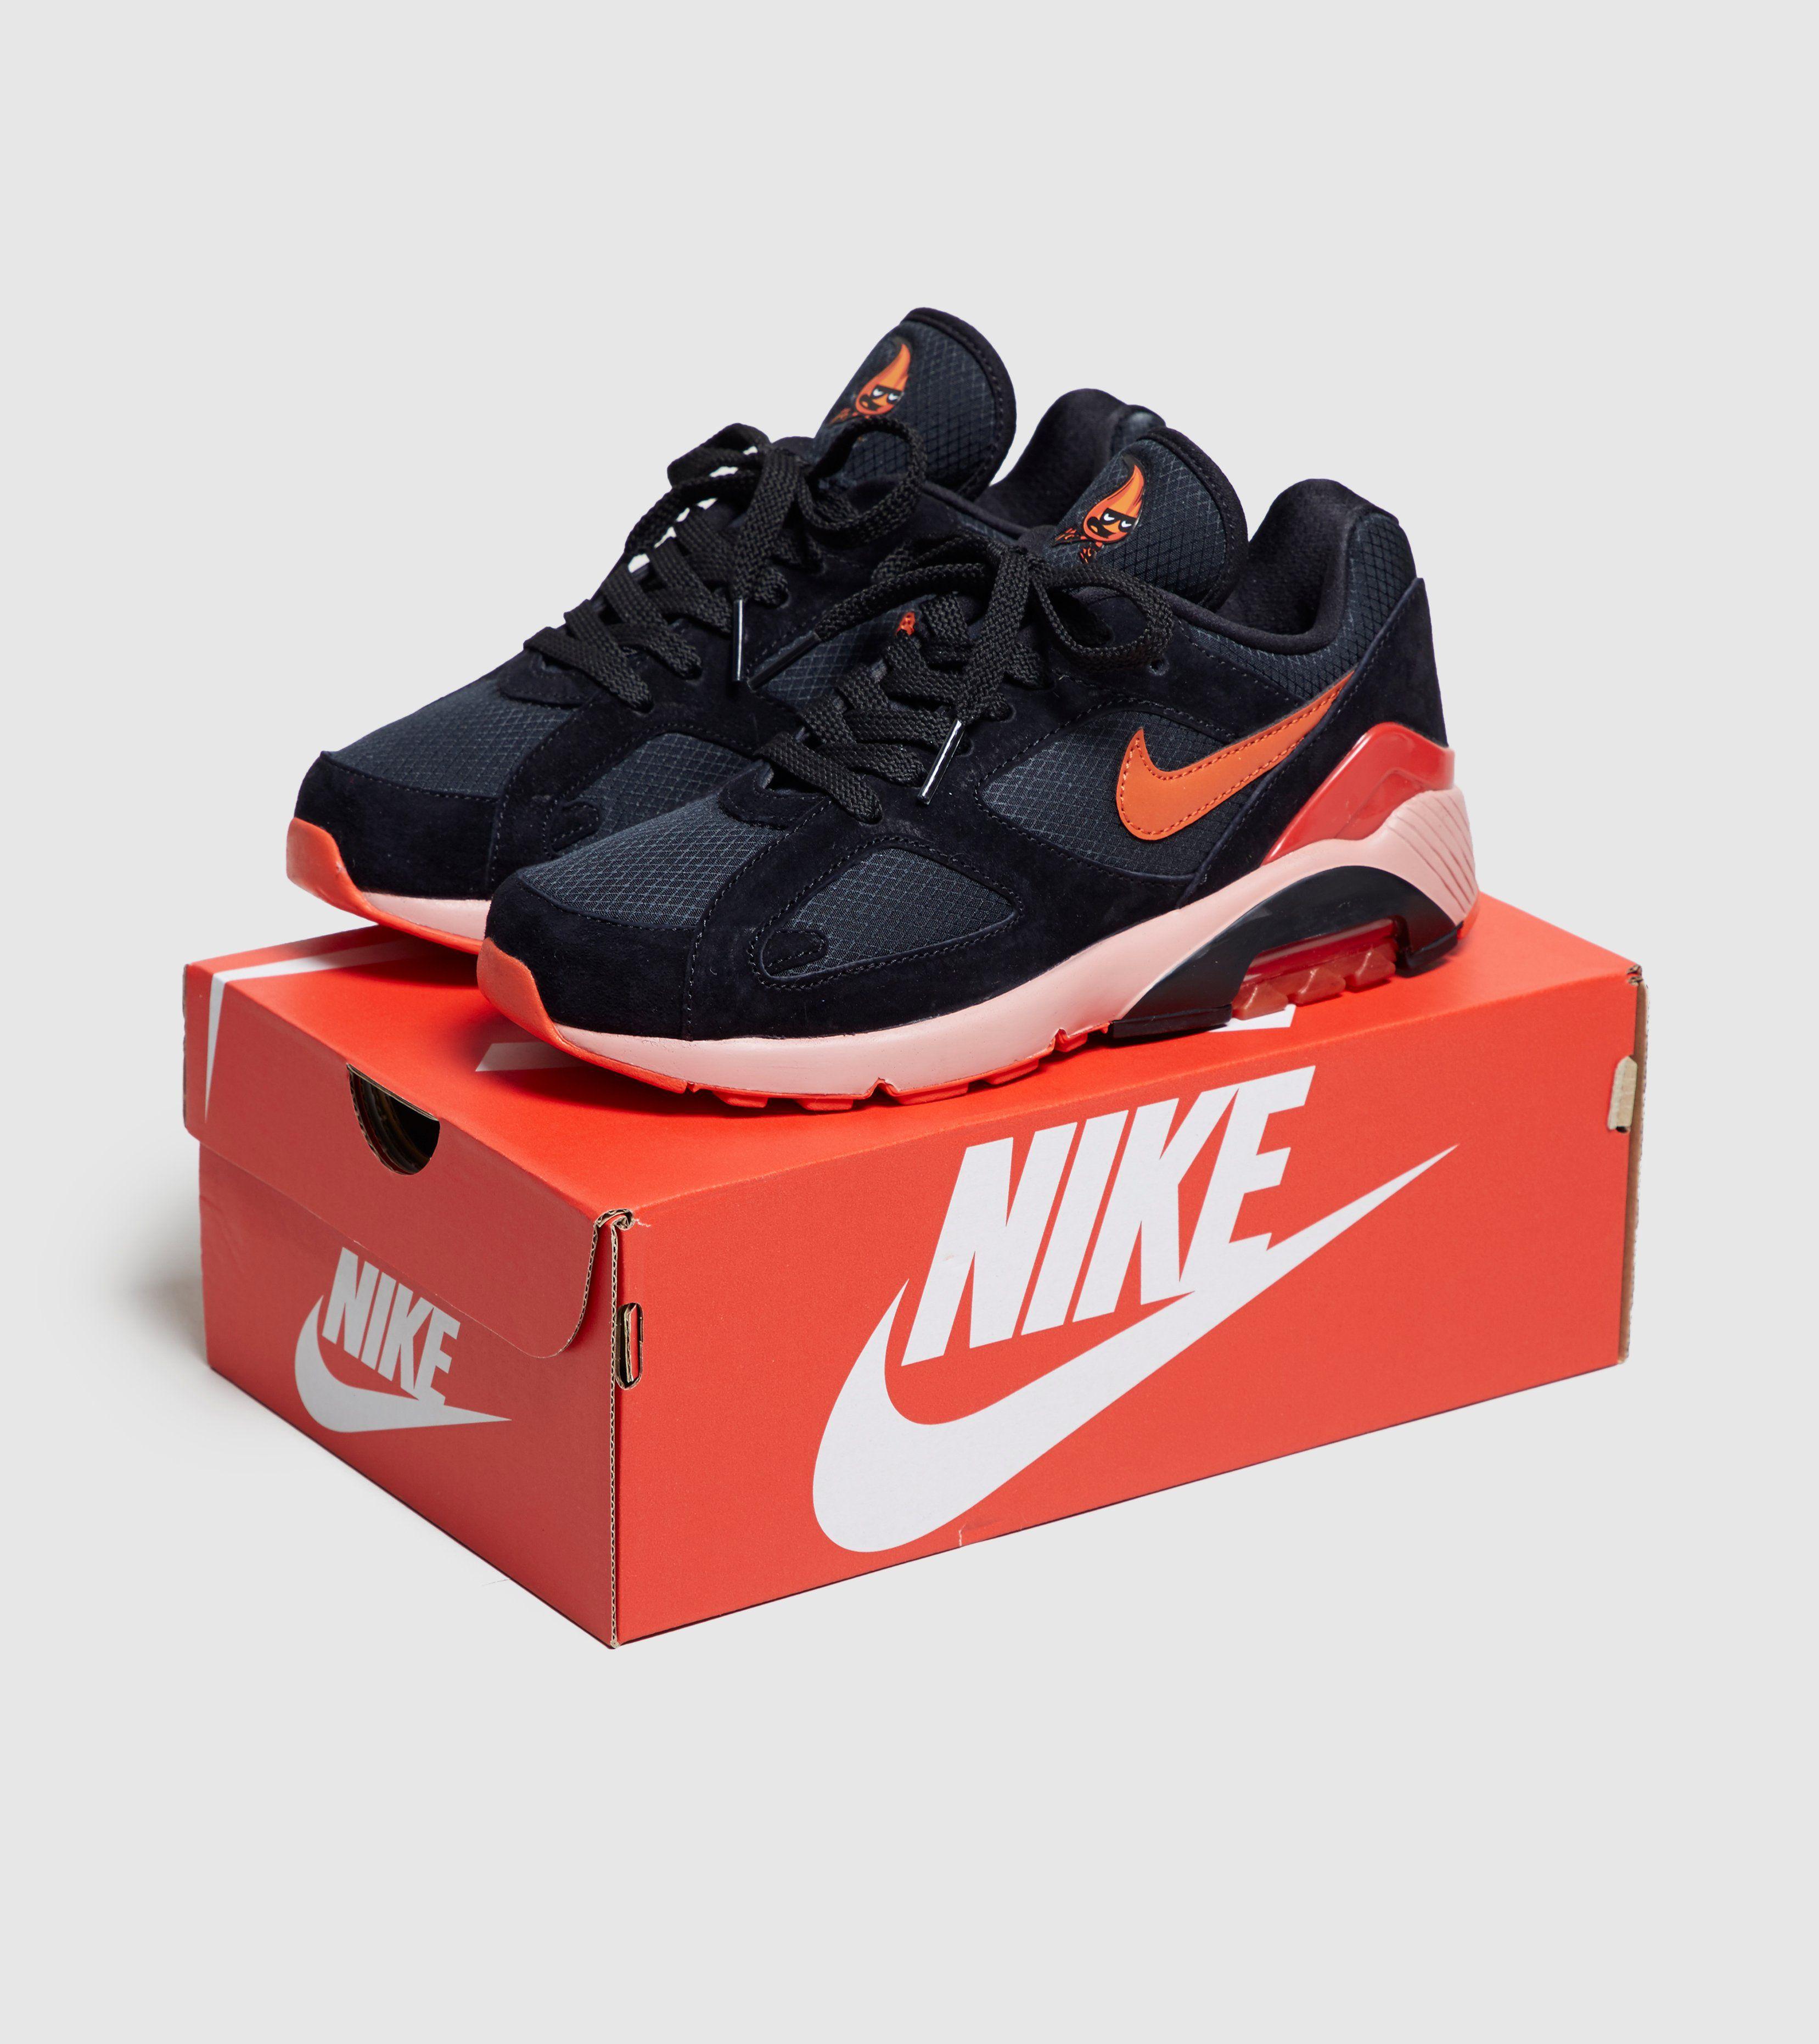 Nike Air Max 180 'Fire' Women's